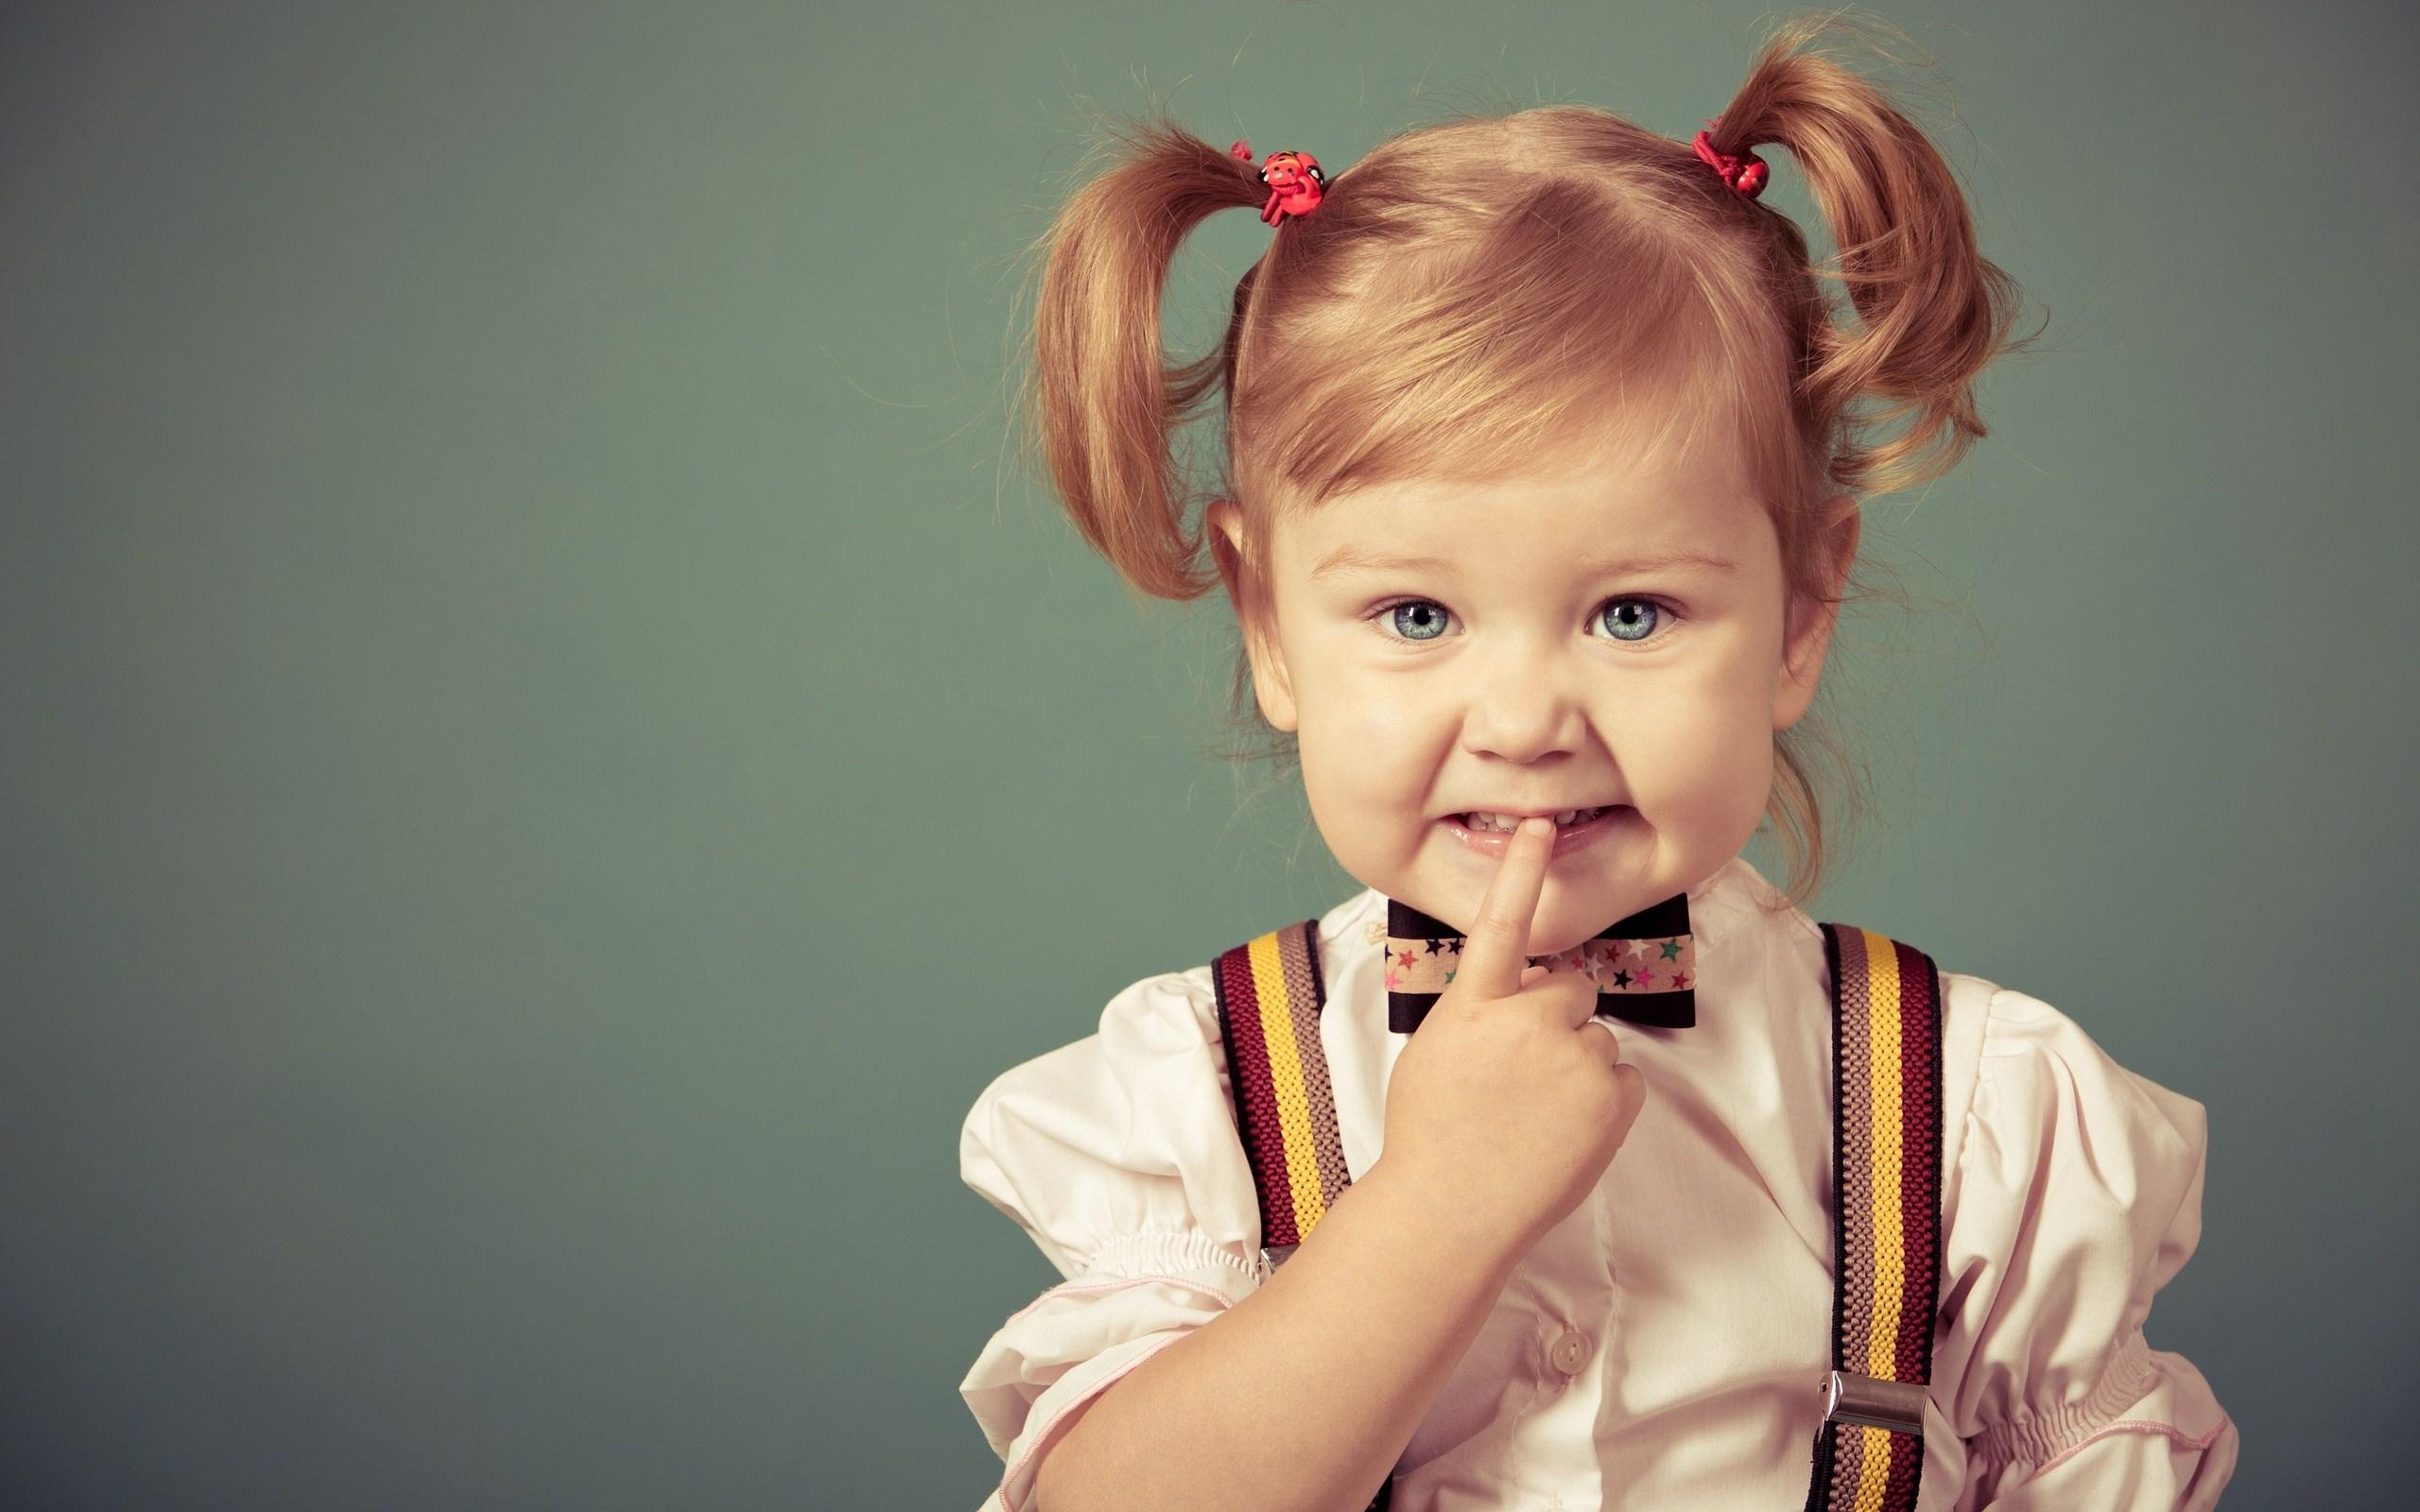 дете момиченце